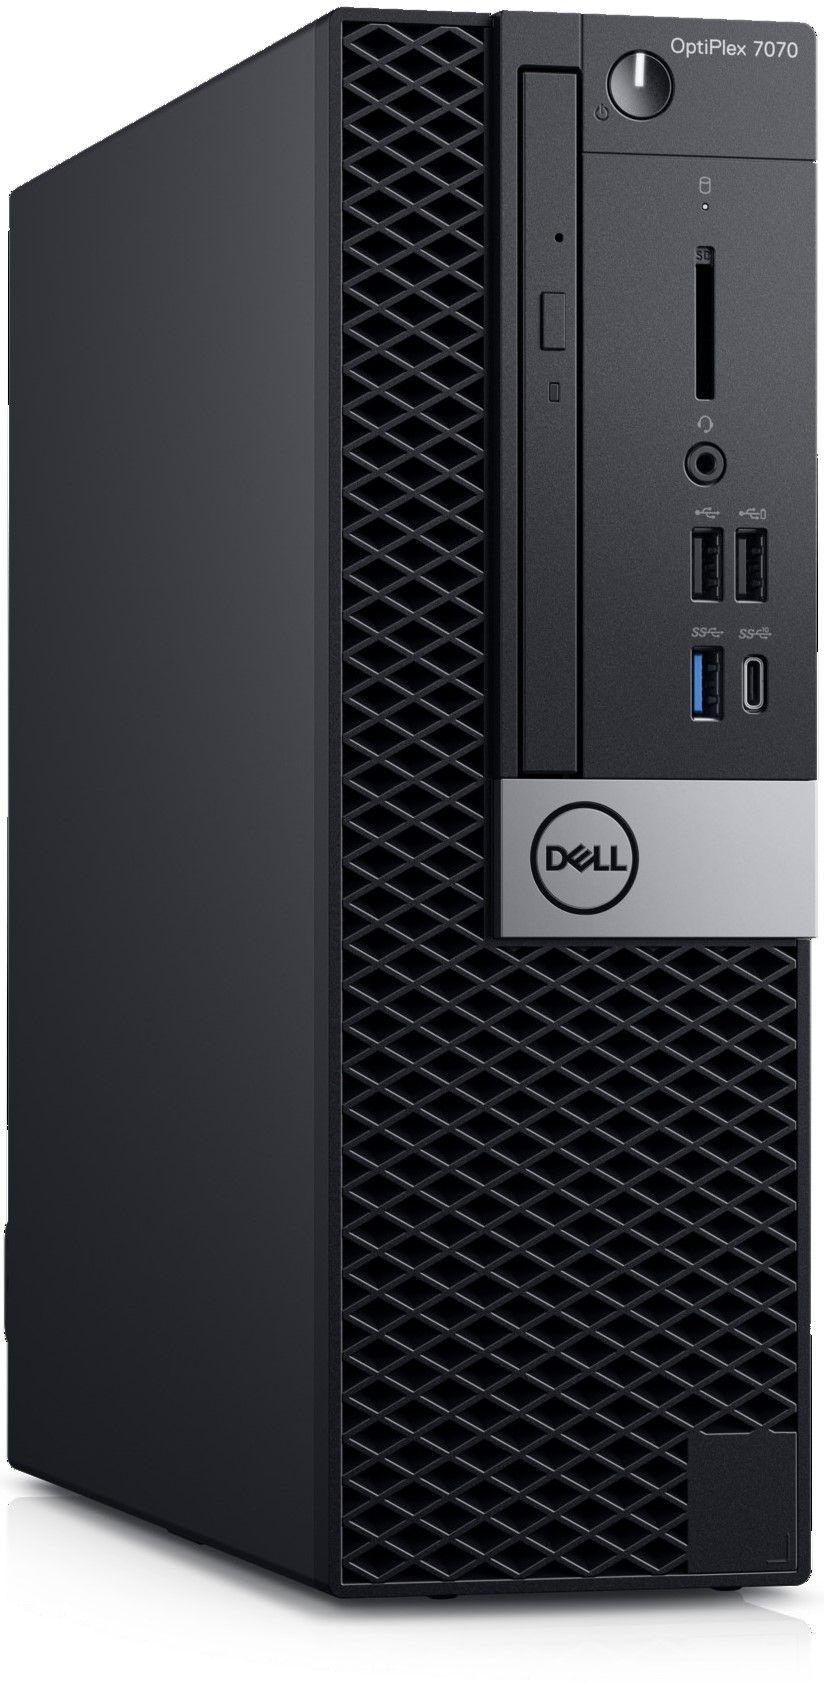 Настолен компютър Dell OptiPlex - 7070 SFF, черен - 2